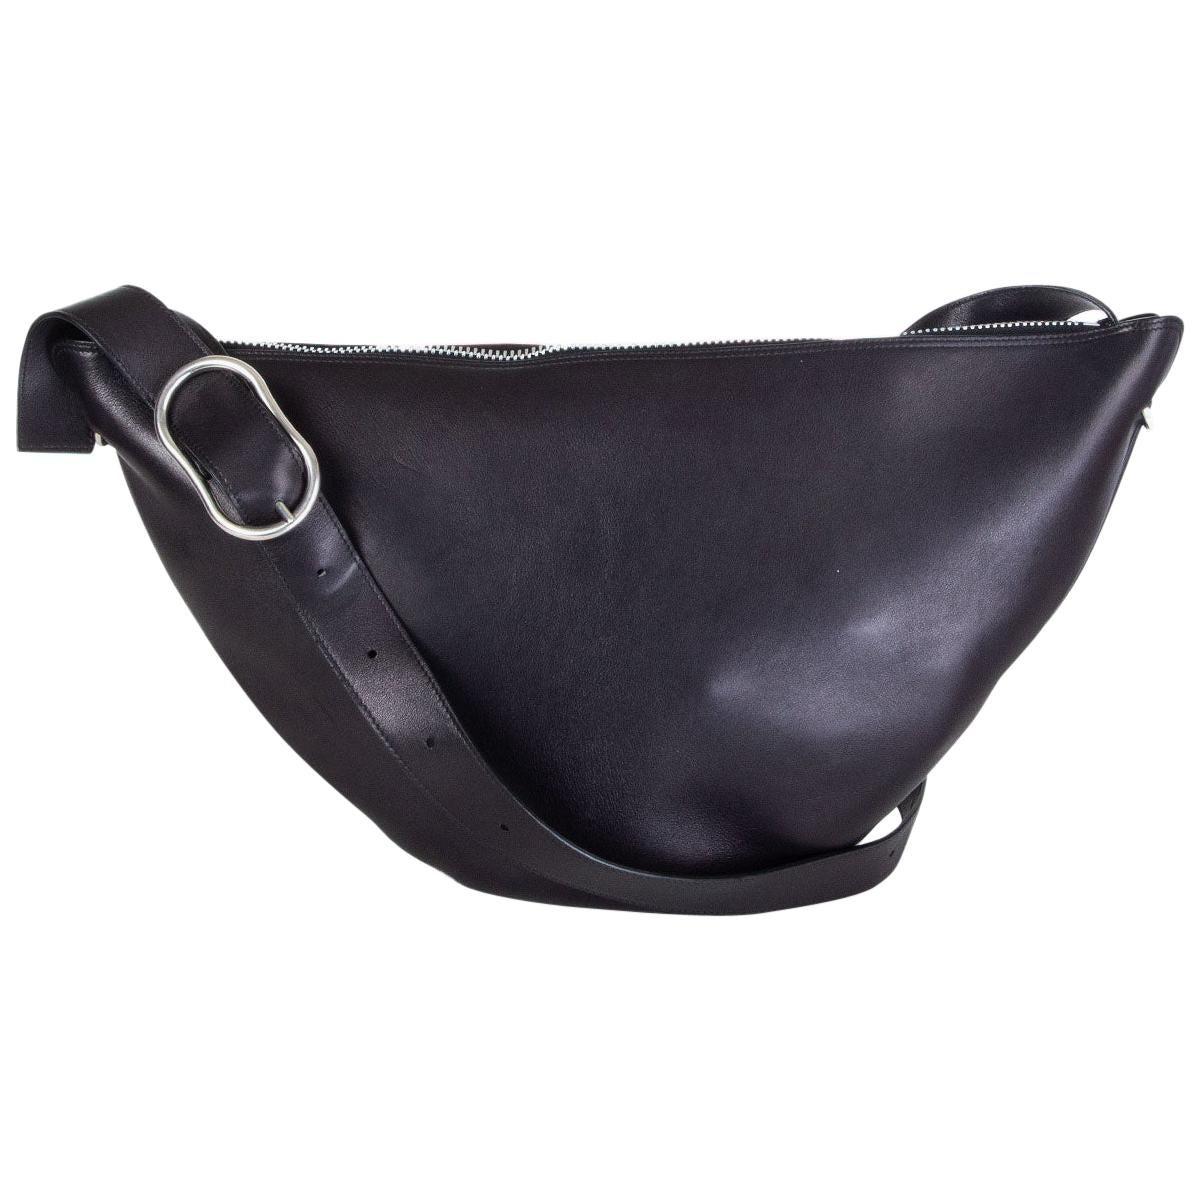 CELINE black leather MEDIUM SWING Shoulder Bag